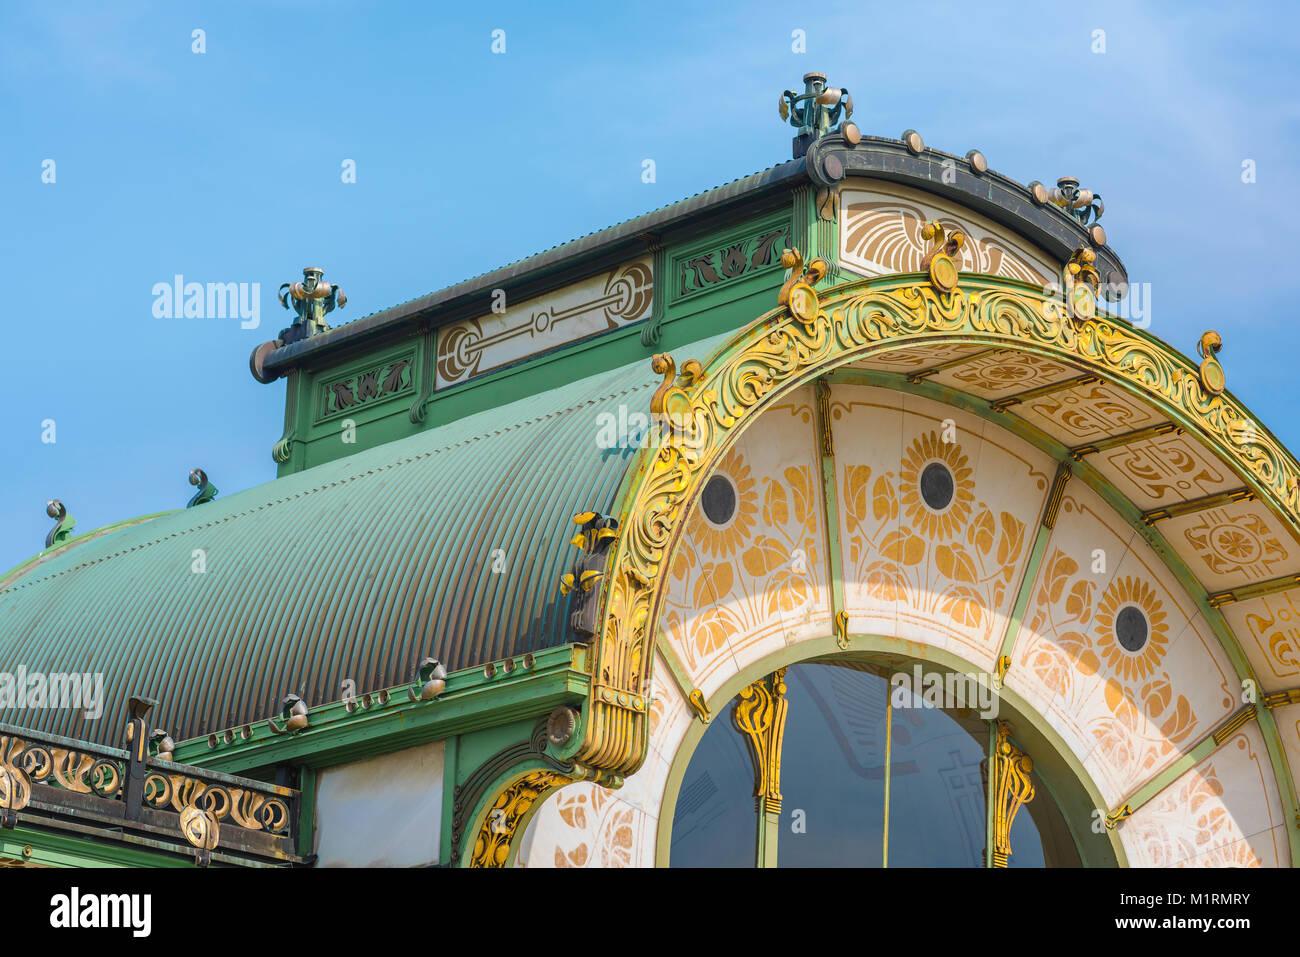 Secession Wien, Detail der Karlsplatz u-bahn Station - eines der besten Beispiele in der Architektur des Jugendstils Stockbild